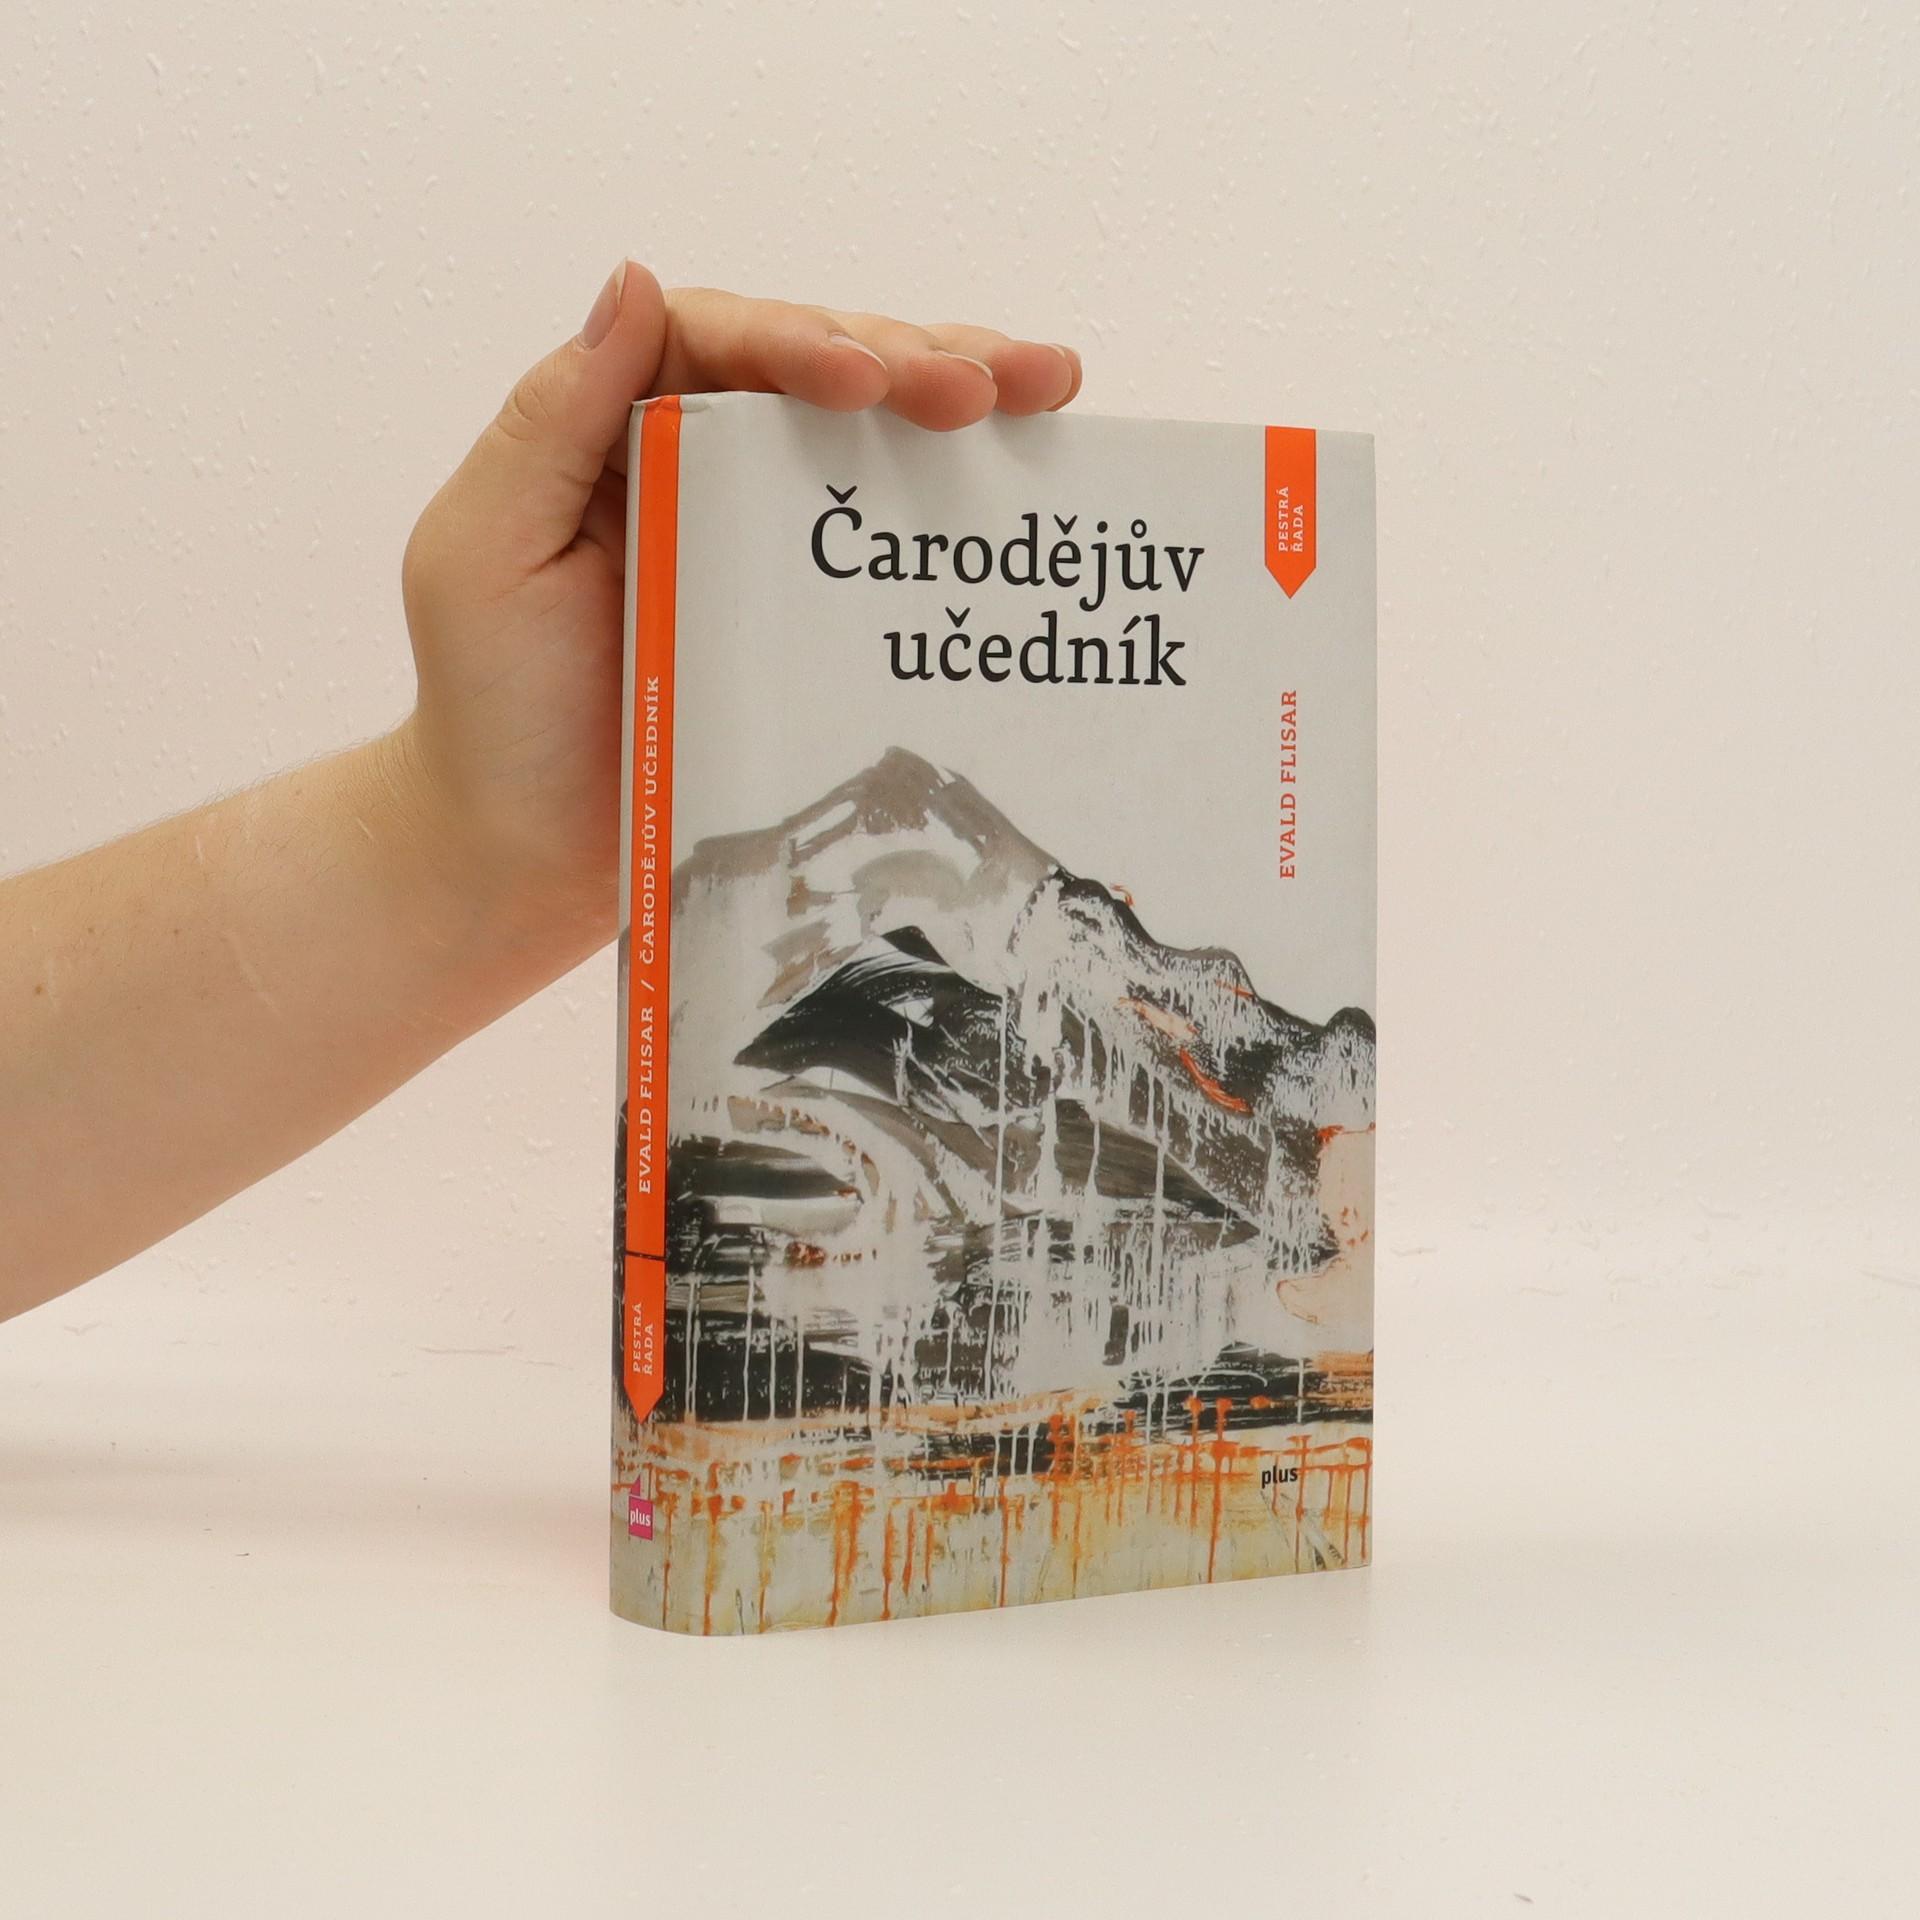 antikvární kniha Čarodějův učedník, 2013